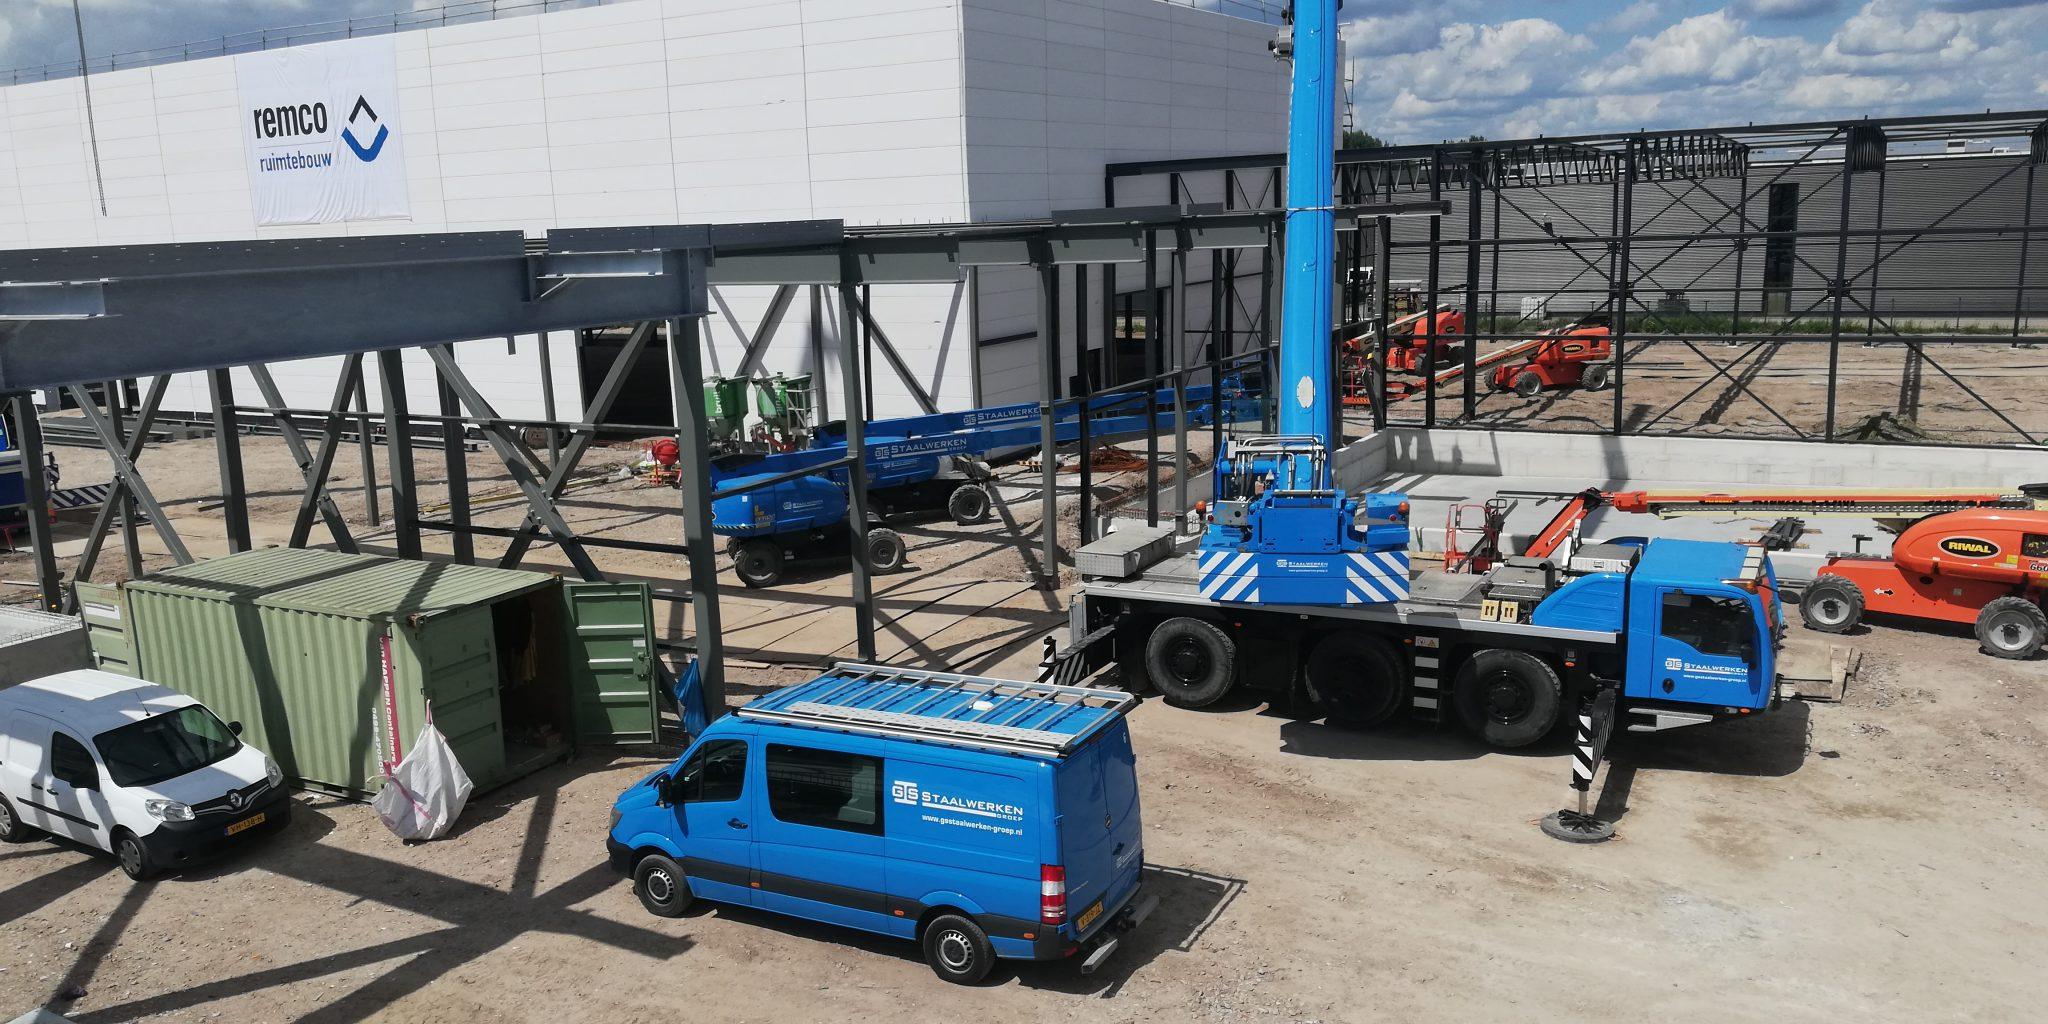 Het distributiecentrum van Univacco zorgde voor extra rekenwerk bij constructeurs van GS Staalwerken door de verschillende verbindingen in het pand.